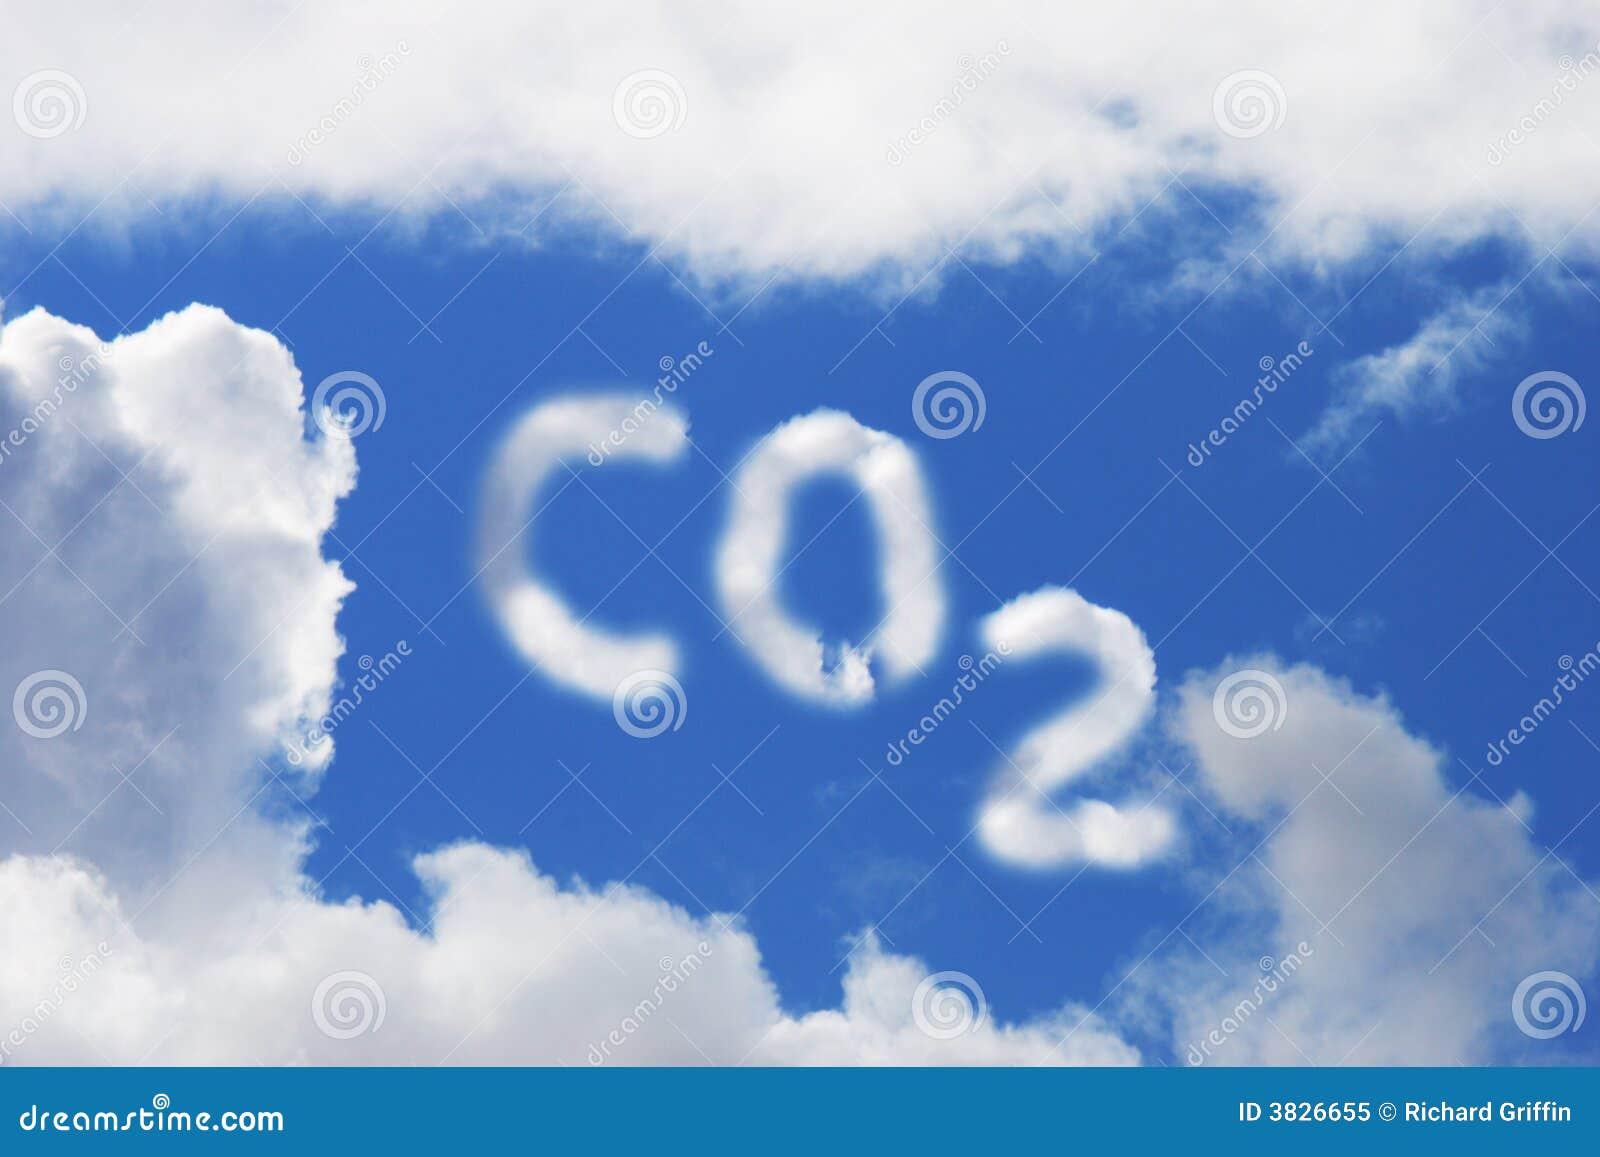 S mbolo del di xido de carbono foto de archivo libre de - Detectores de monoxido de carbono ...